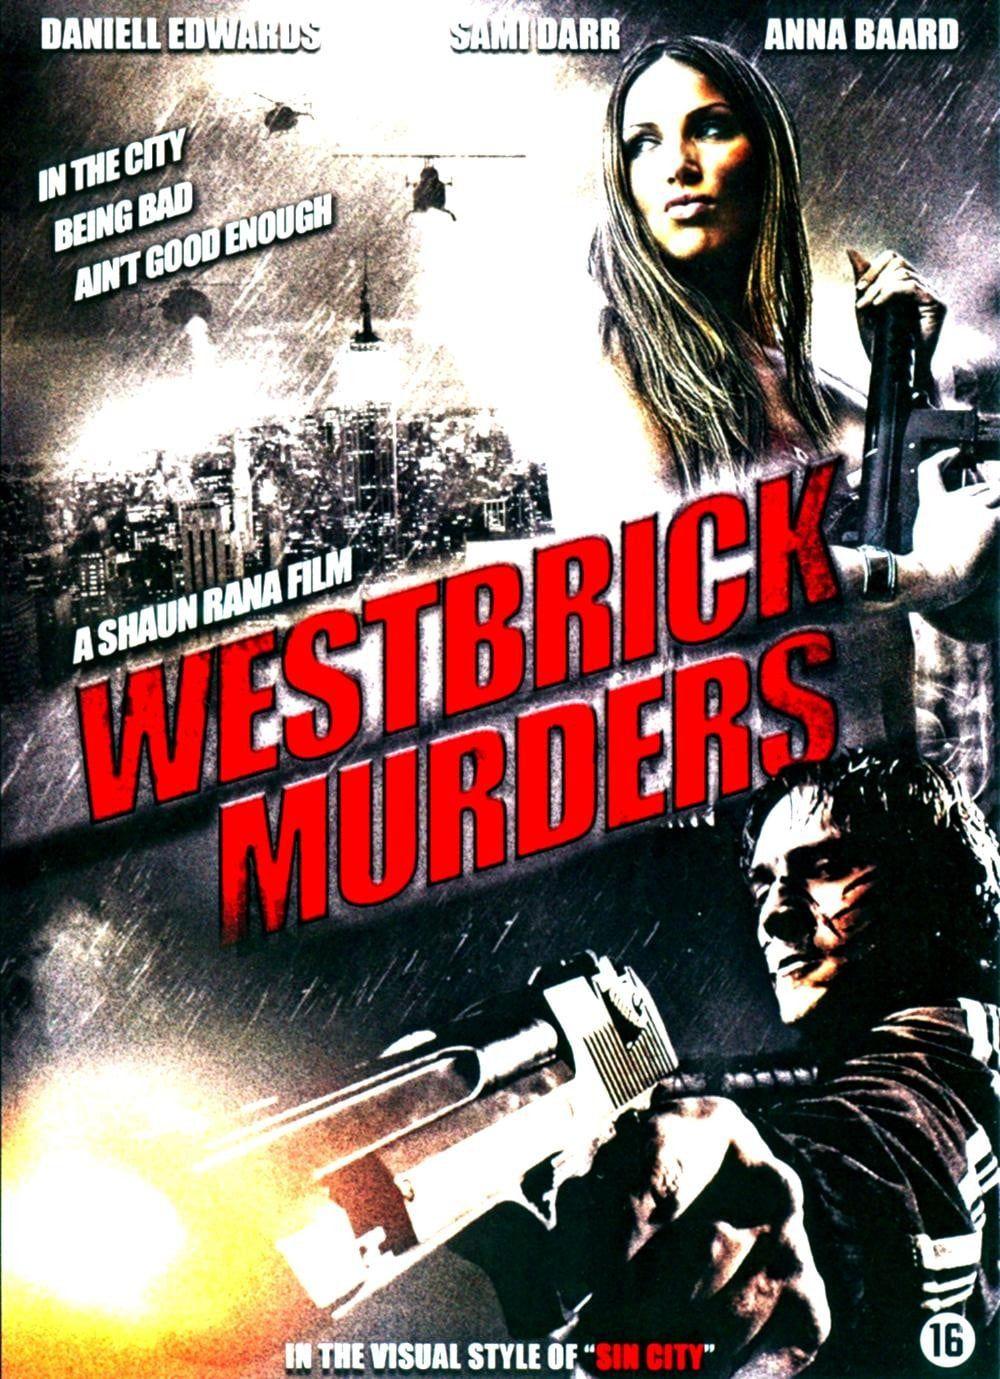 Westbrick Murders - Film (2010)